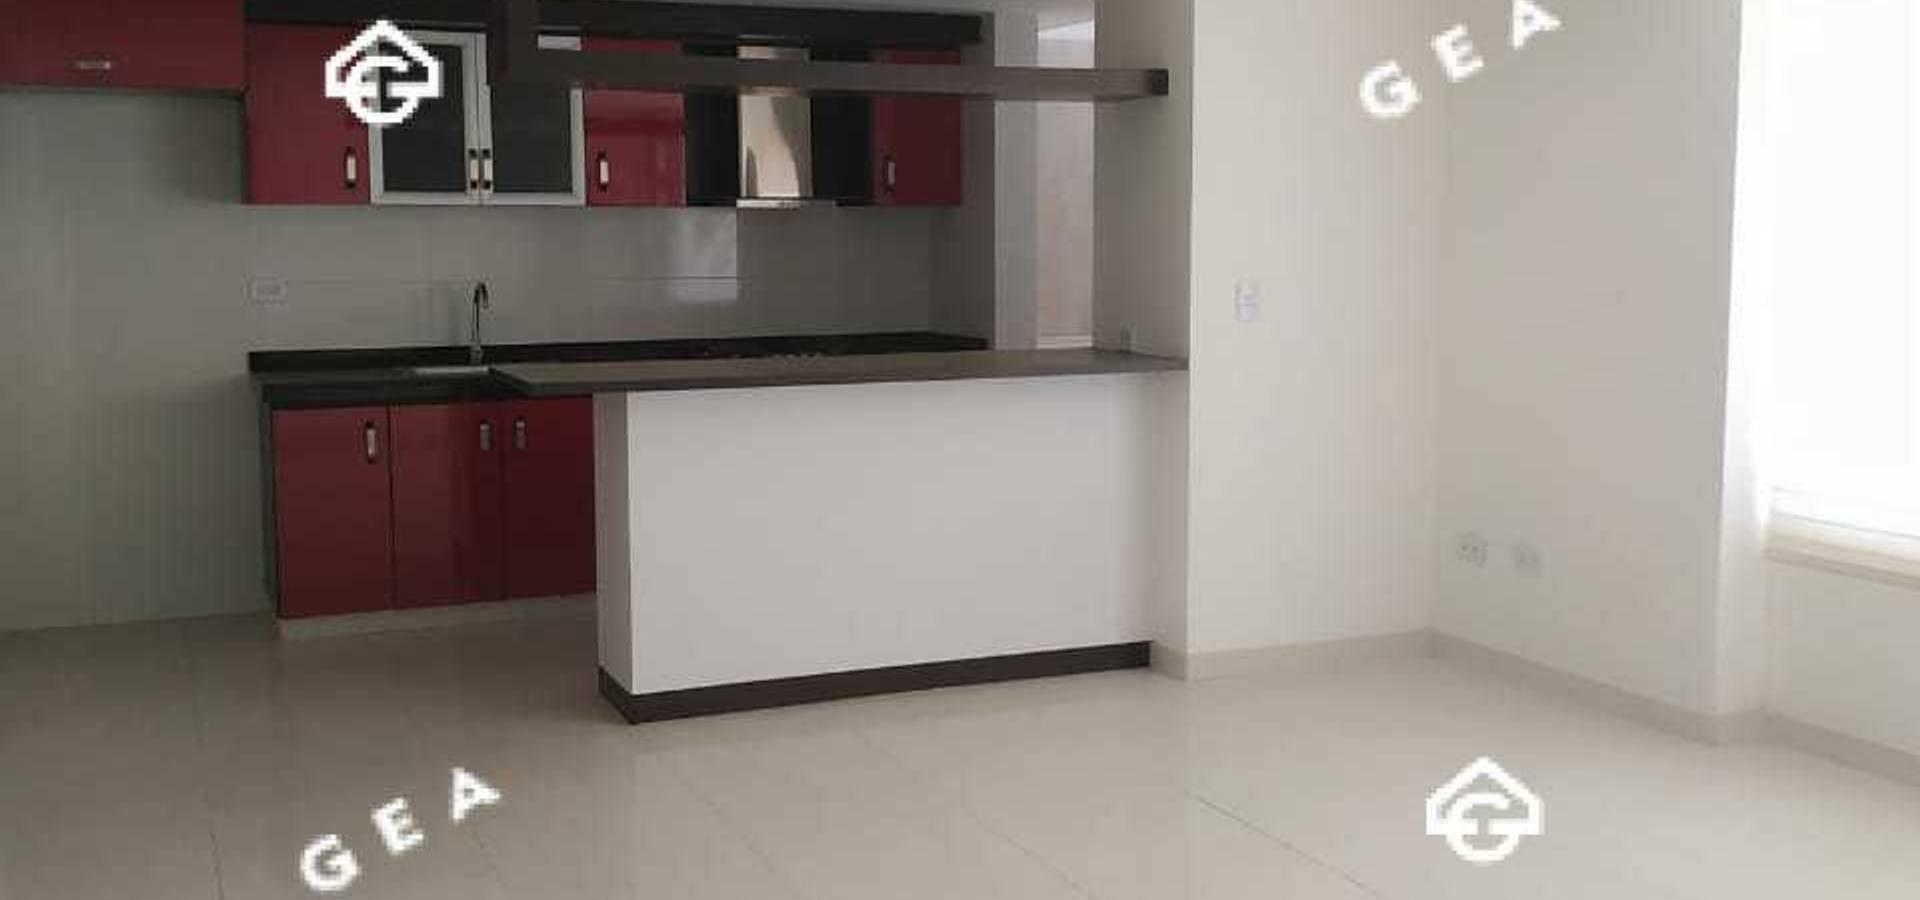 Gea Inversiones Inmobiliarias